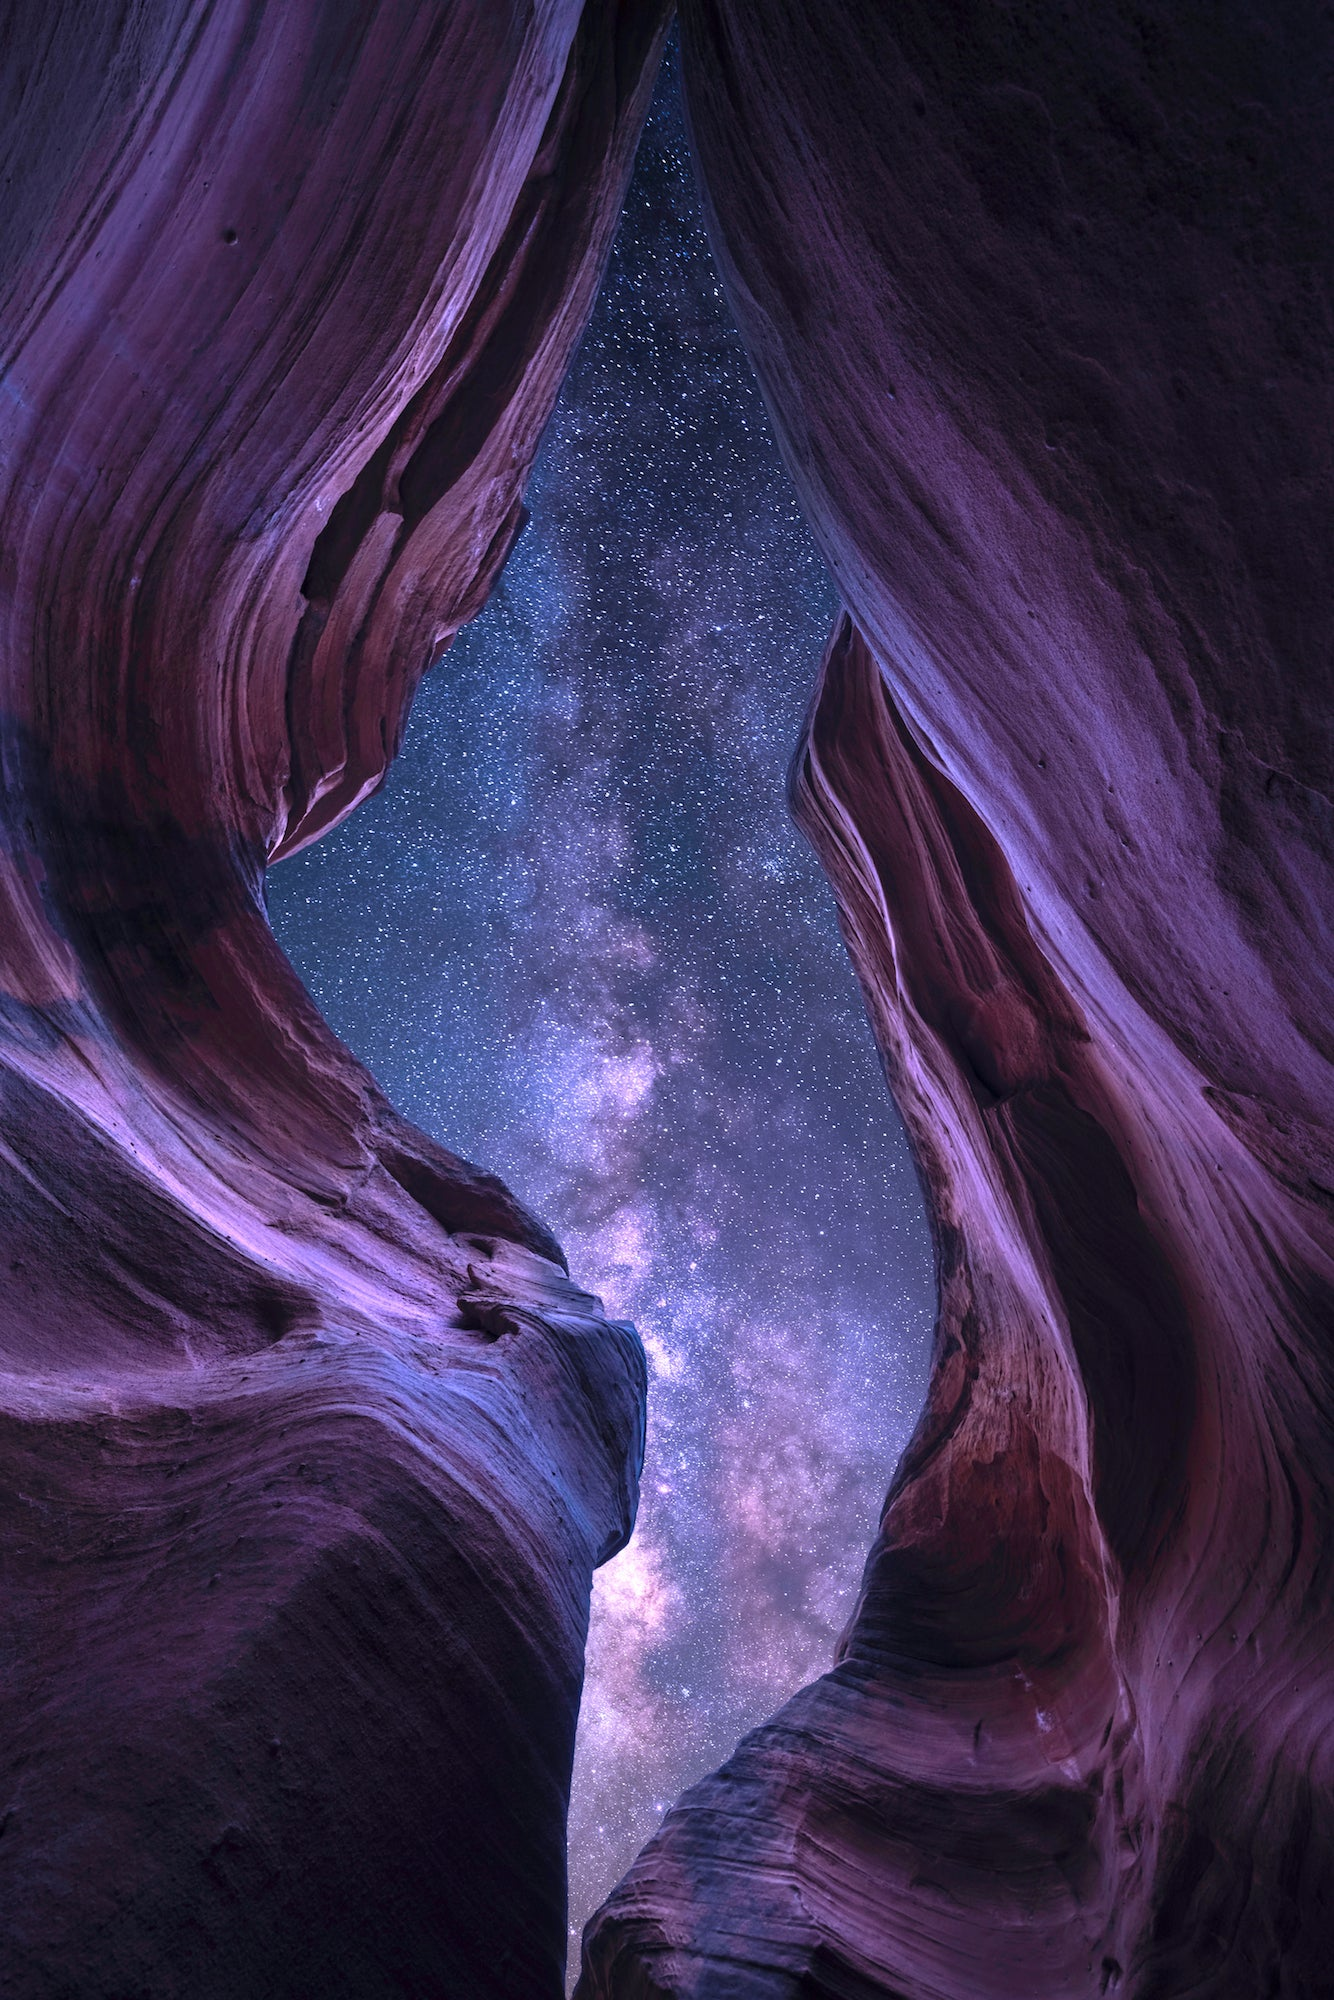 Alpha-Universe-WIMB-Jess-Santos-Astro-16-35mm.jpg